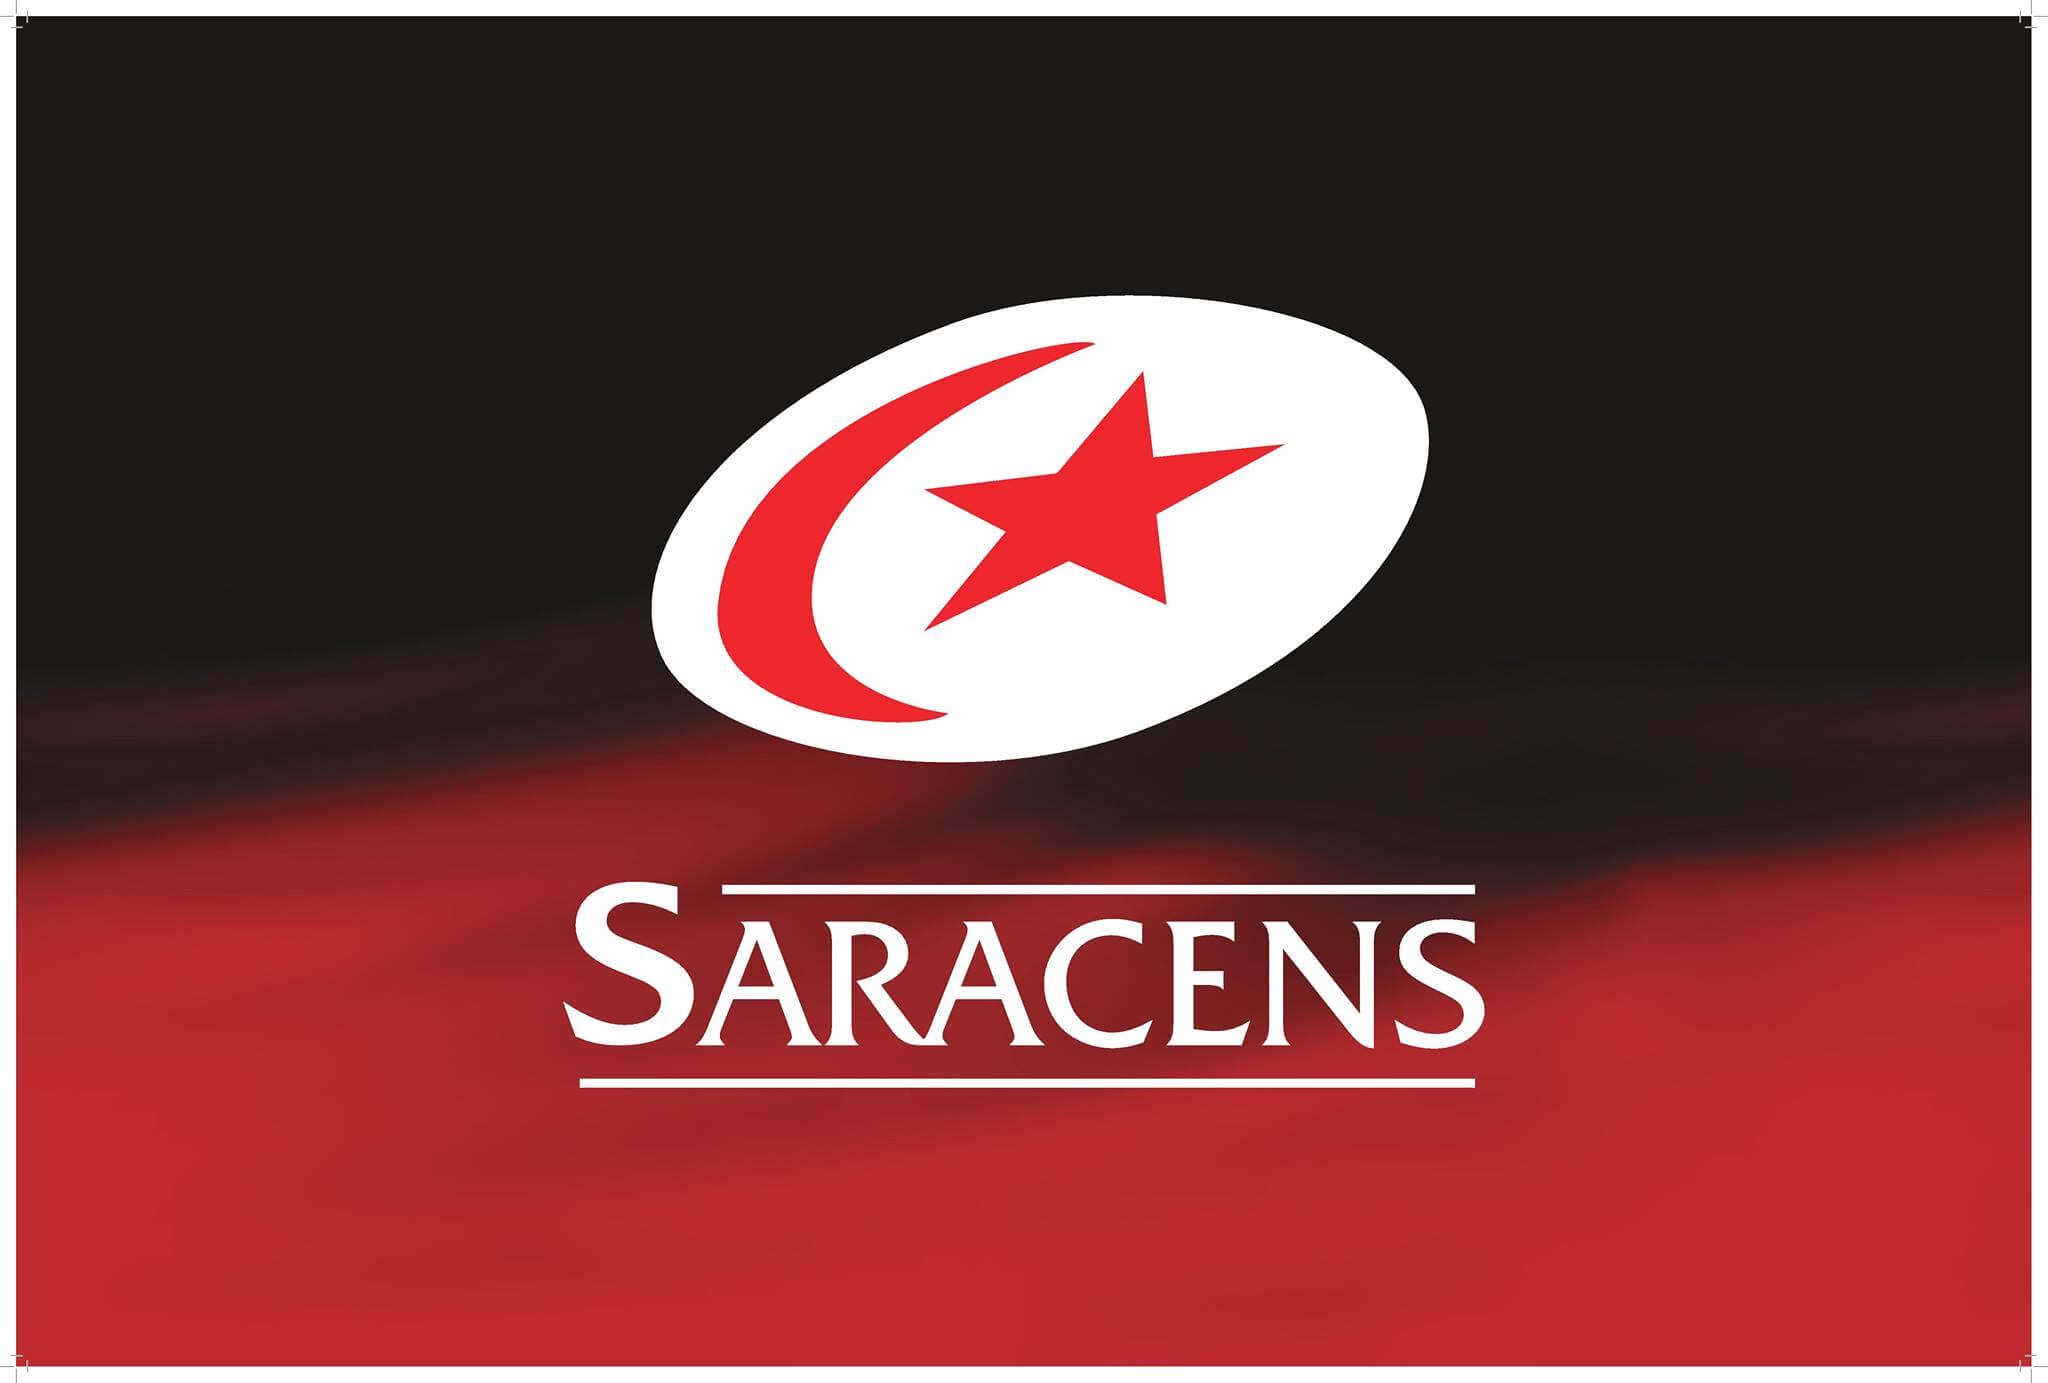 saracens - photo #3